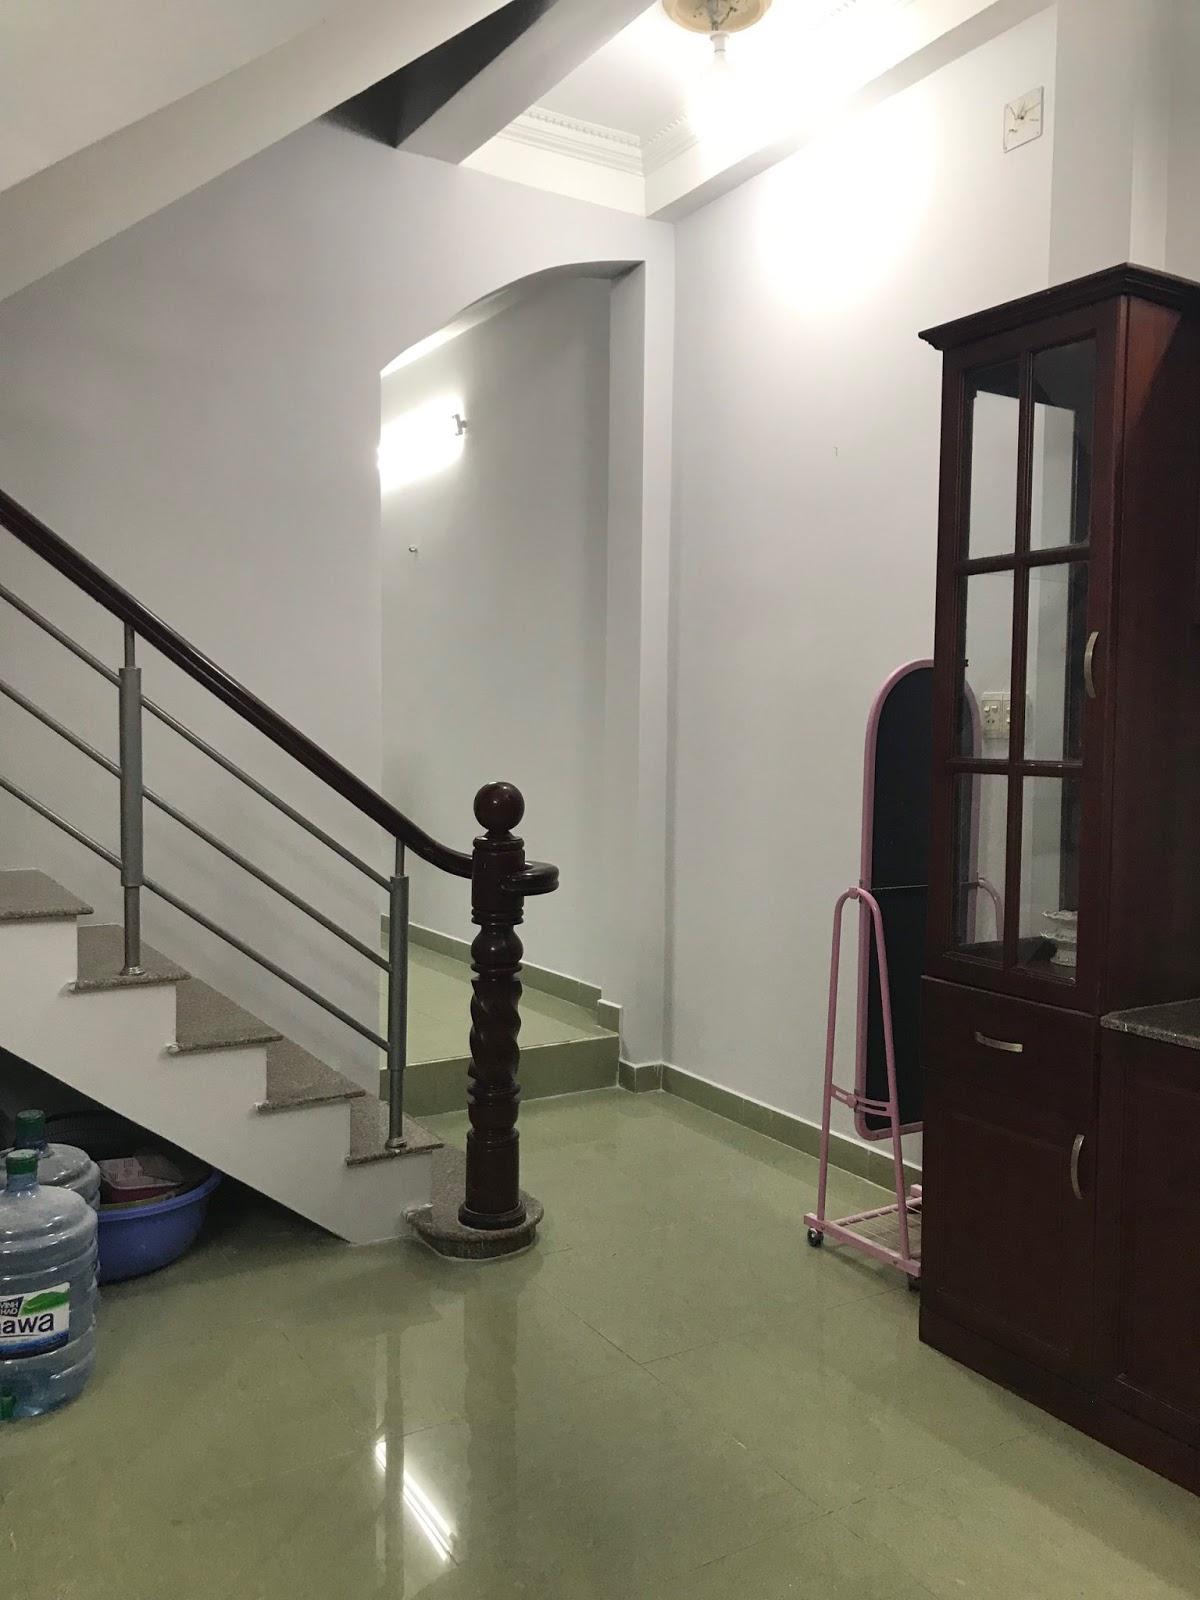 Bán nhà hẻm 115 Lê Trọng Tấn phường Sơn Kỳ quận Tân Phú. DT 4,1x10,3m